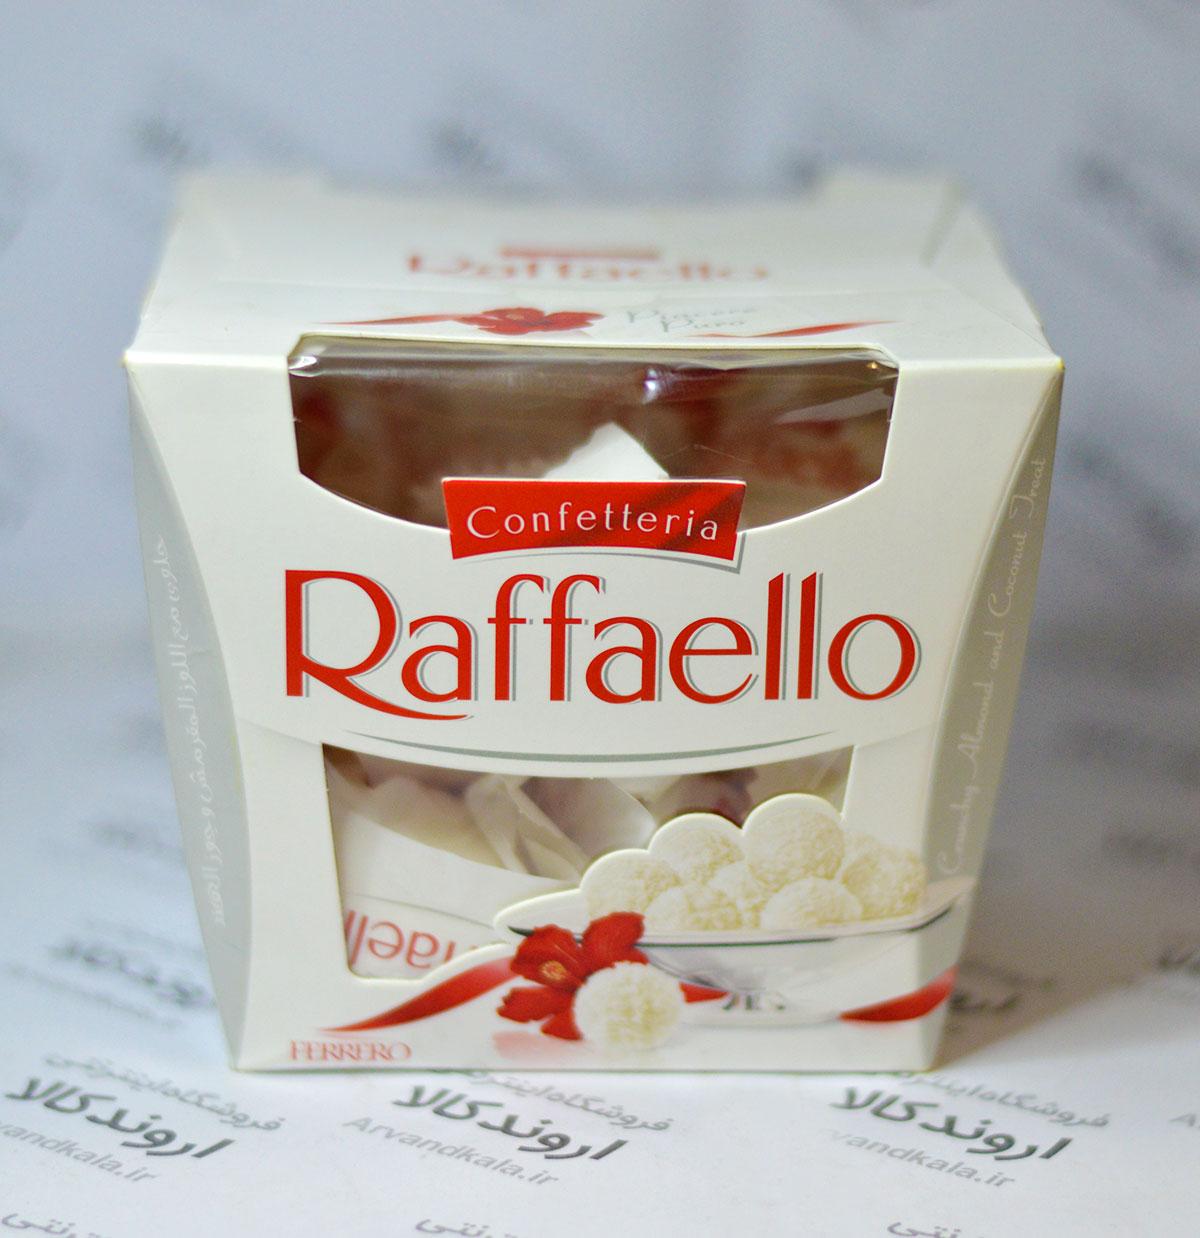 شکلات کادوئی رافائلو